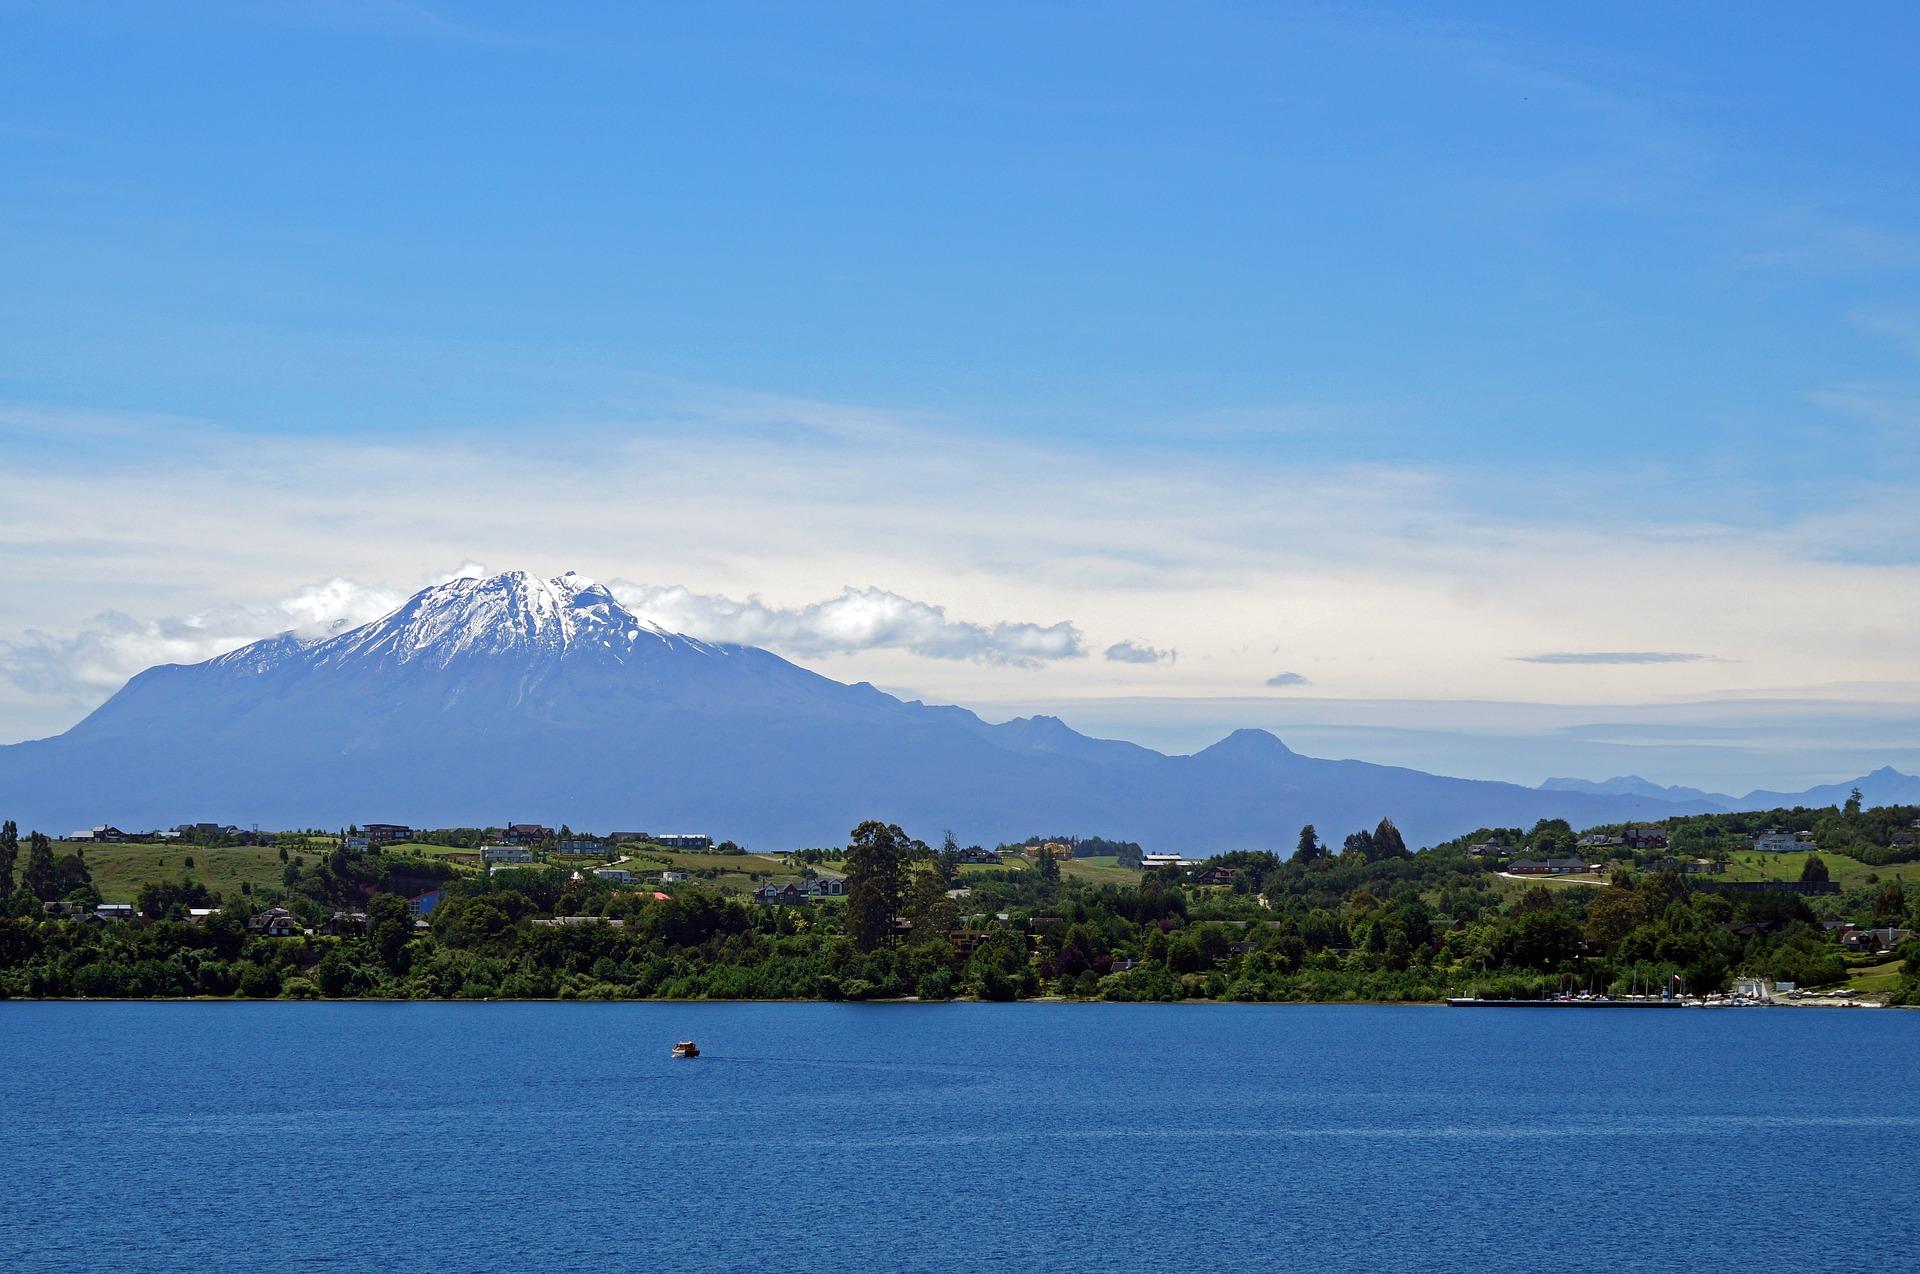 calbuco-volcano-1912158_1920